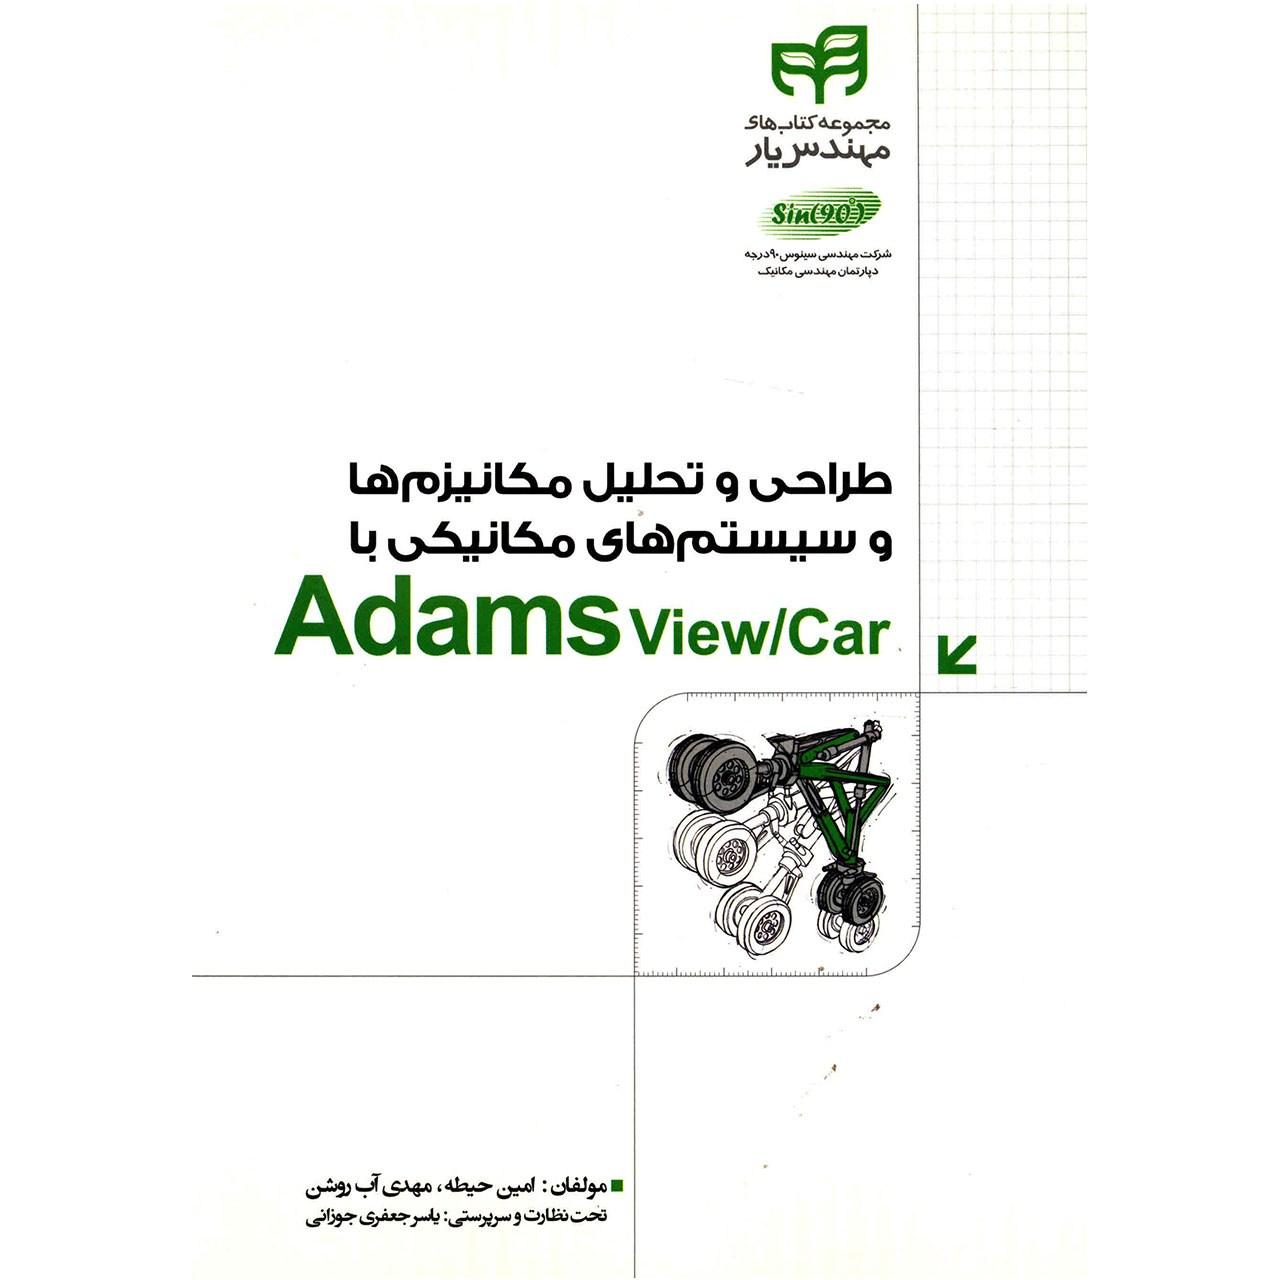 کتاب طراحی و تحلیل مکانیزم ها و سیستم های مکانیکی با Adams View/Car اثر امین حیطه